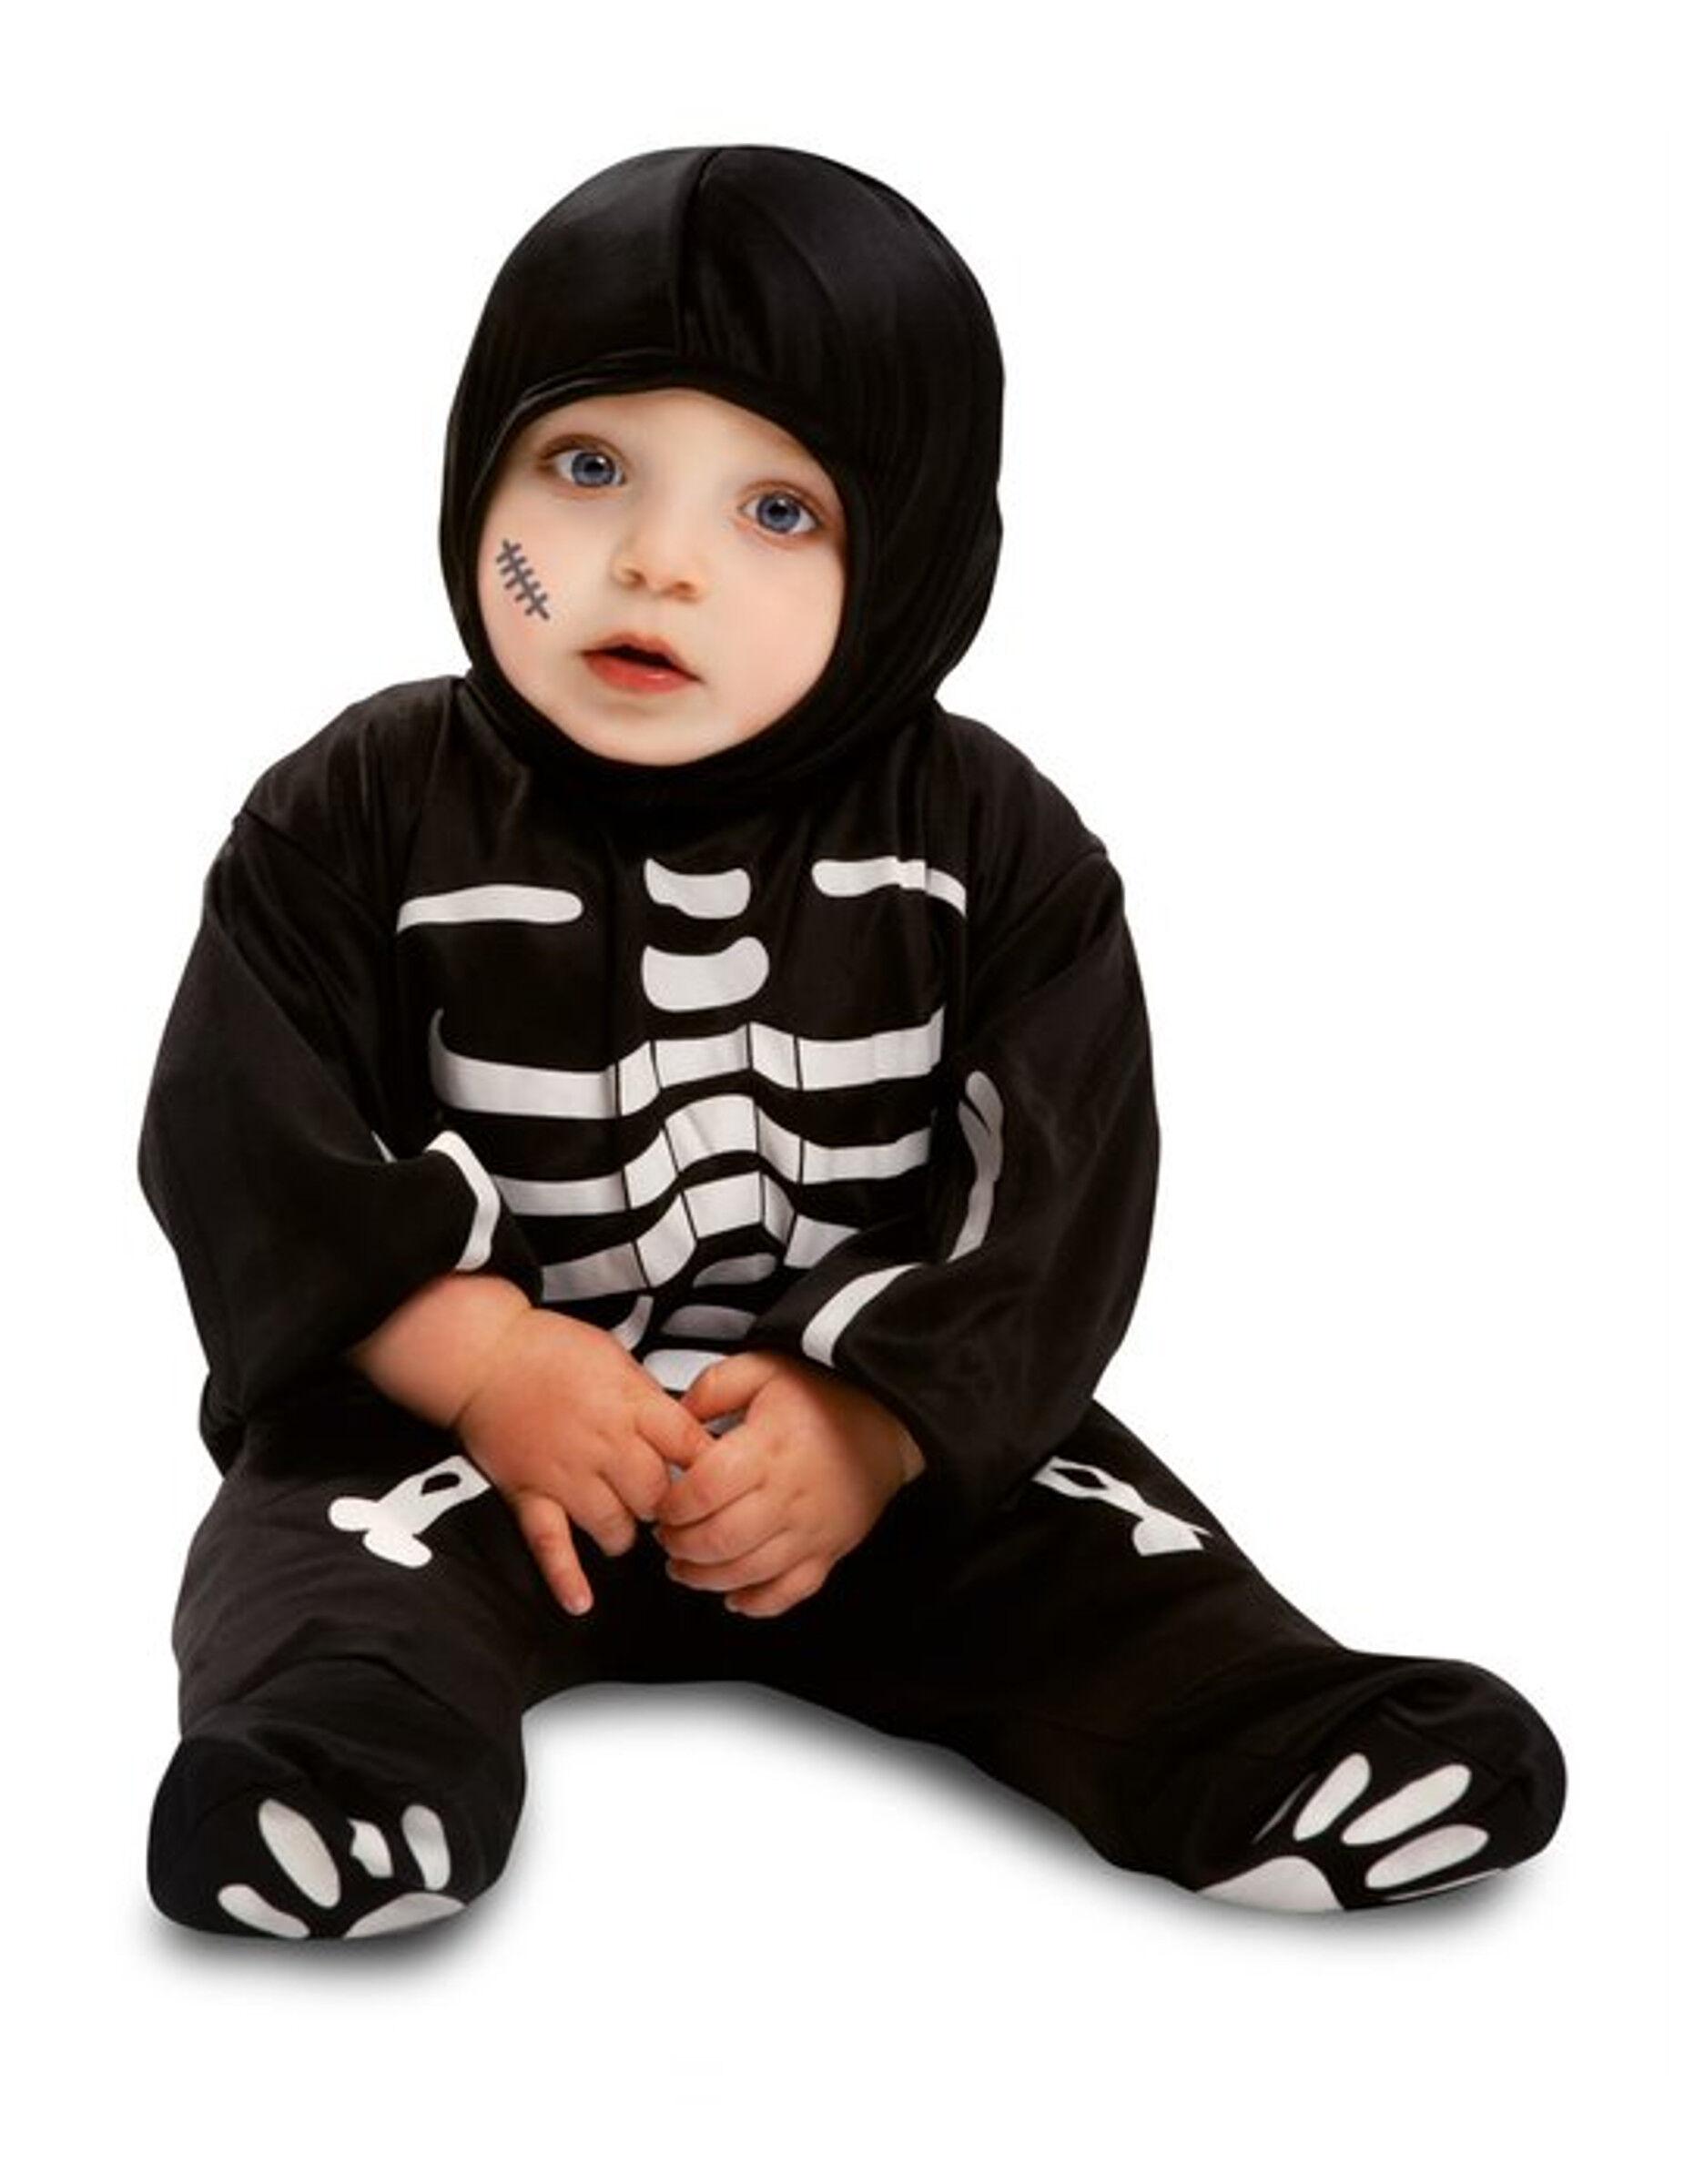 Deguisetoi Déguisement combinaison petit squelette noir bébé - Taille: 7 - 12 mois (74 - 80 cm)